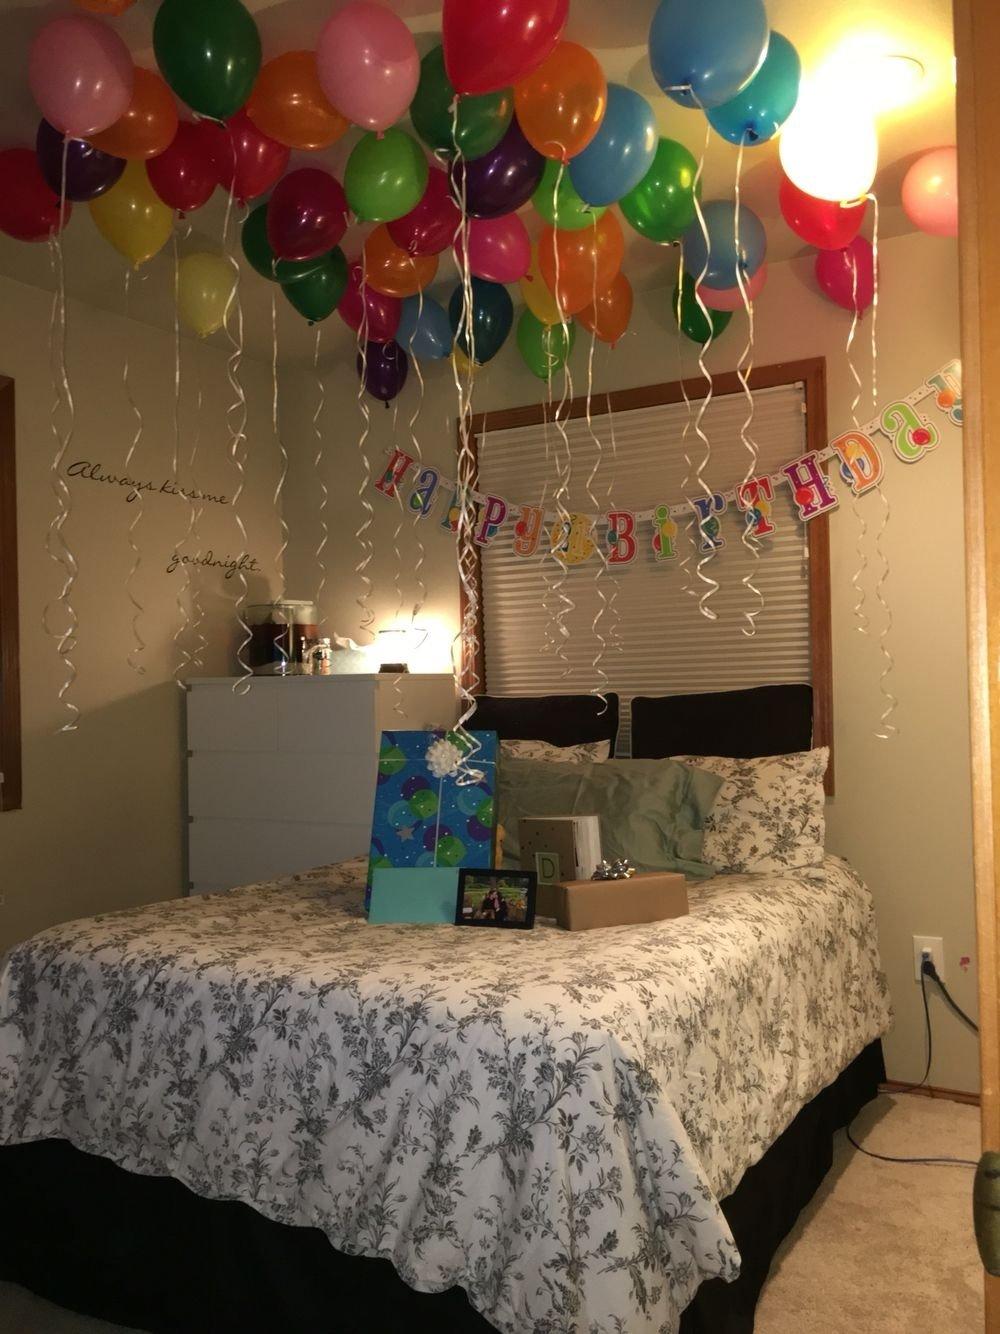 10 Best Birthday Surprise Ideas For Husband Boyfriend Since Im Not 21 Yet